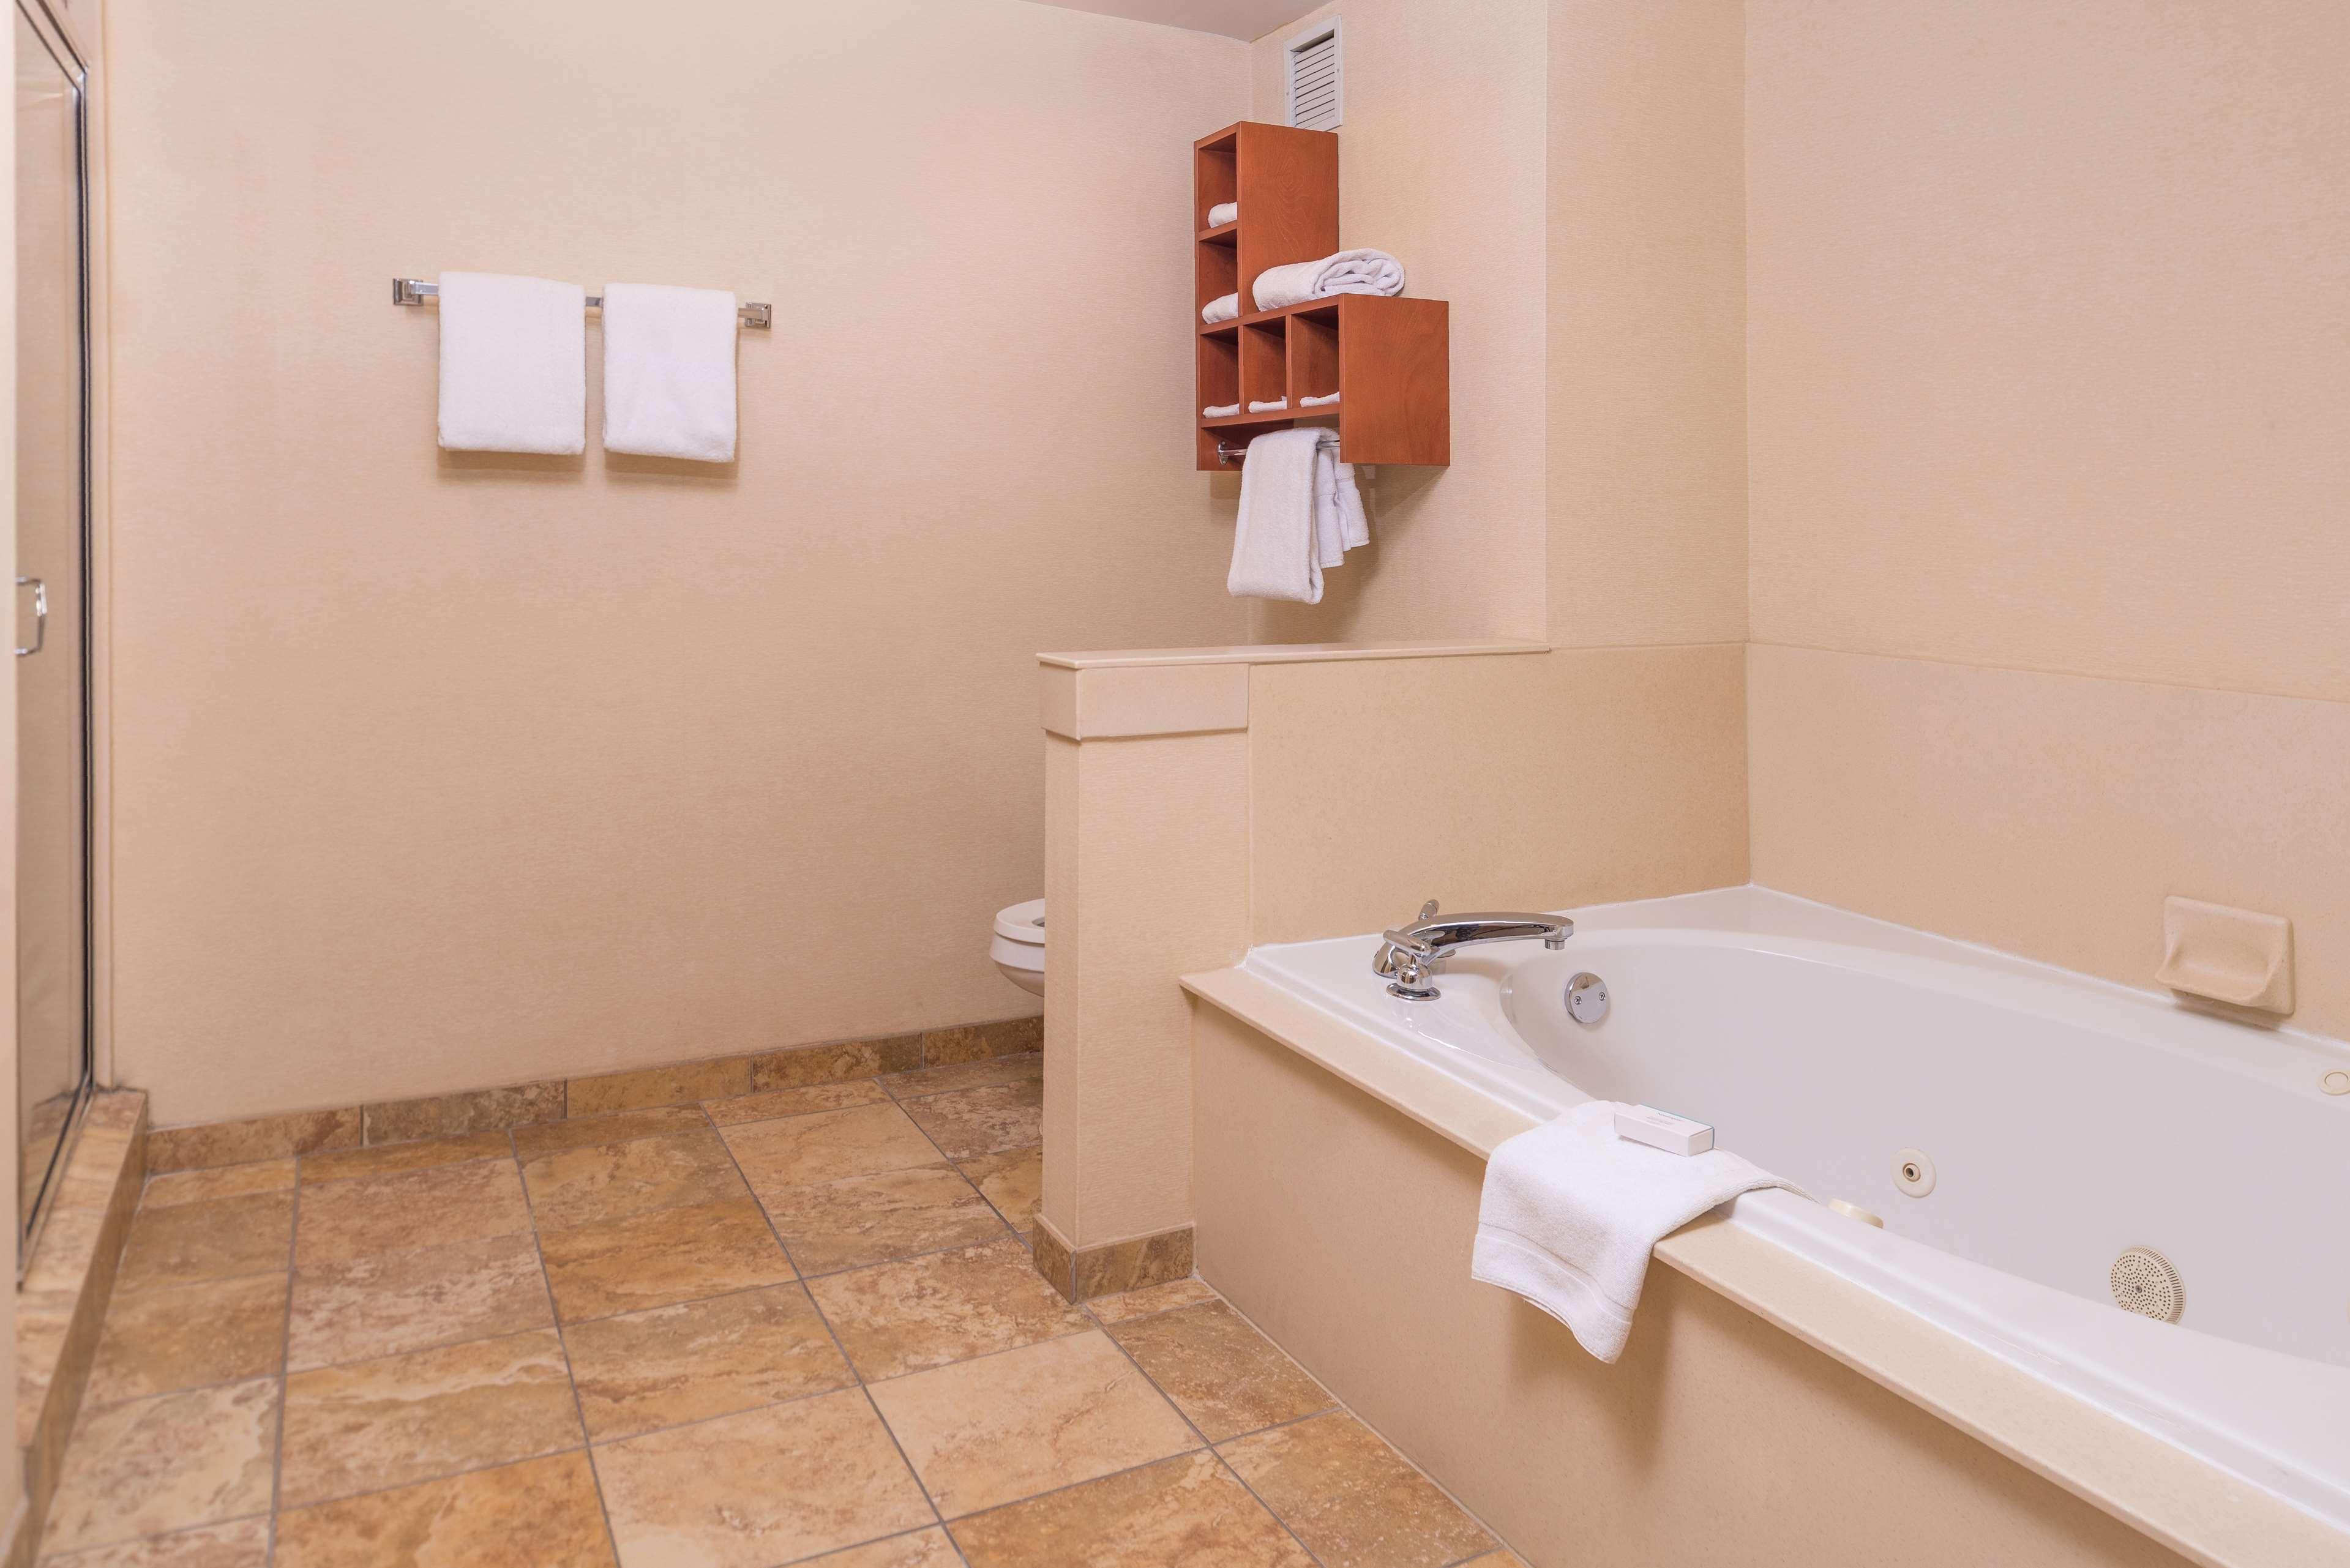 Hampton Inn & Suites Charlotte-Arrowood Rd. image 14